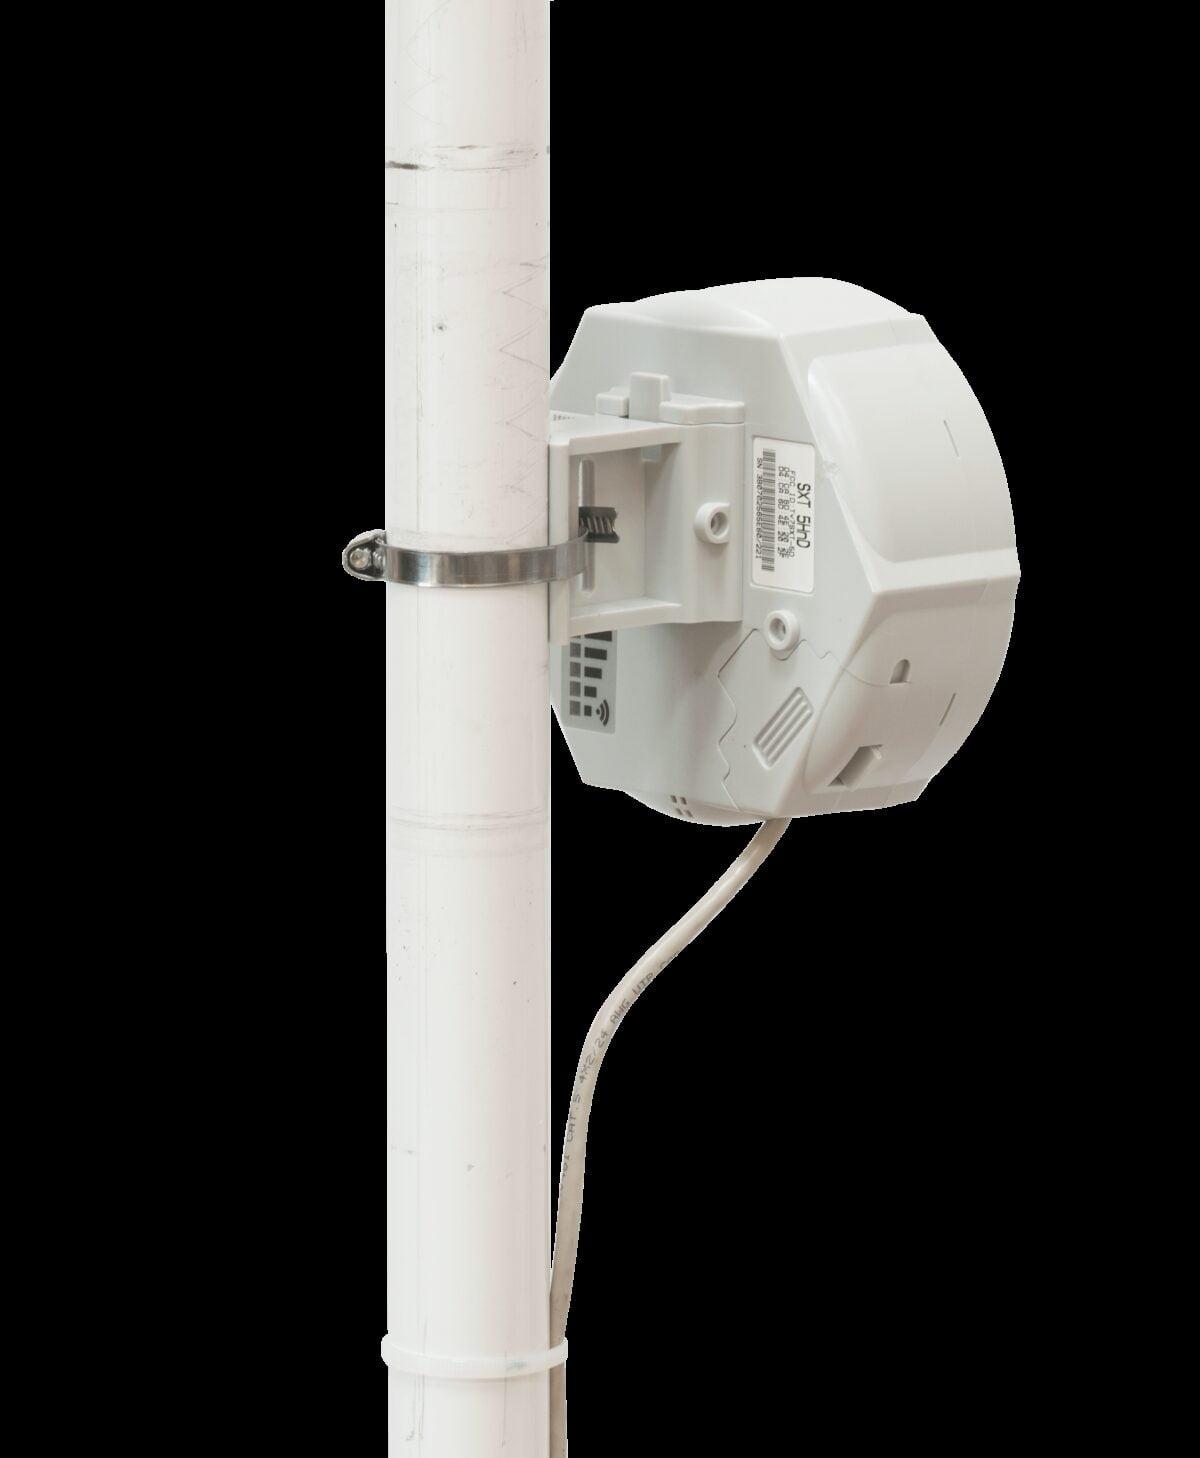 MikroTik SXT SA5 - 5GHz Outdoor AP/CPE with 90 Degree Antenna